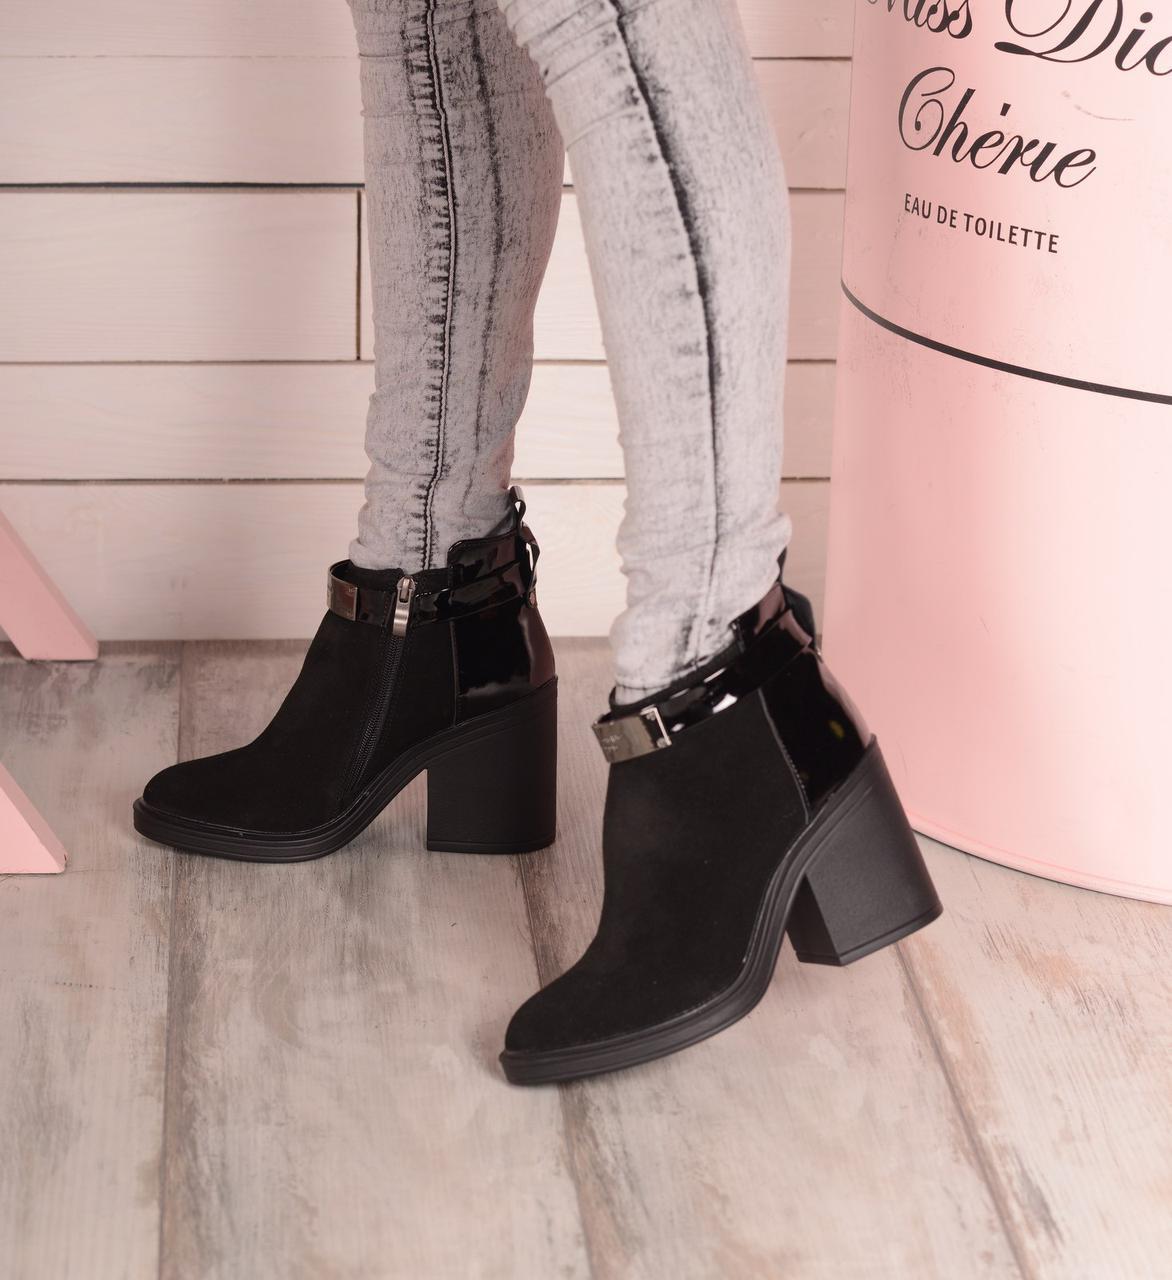 0e22c8fc2 Женские замшевые ботинки на небольшом широком каблуке, осенние - Интернет  магазин Обувной Пассаж в Киеве